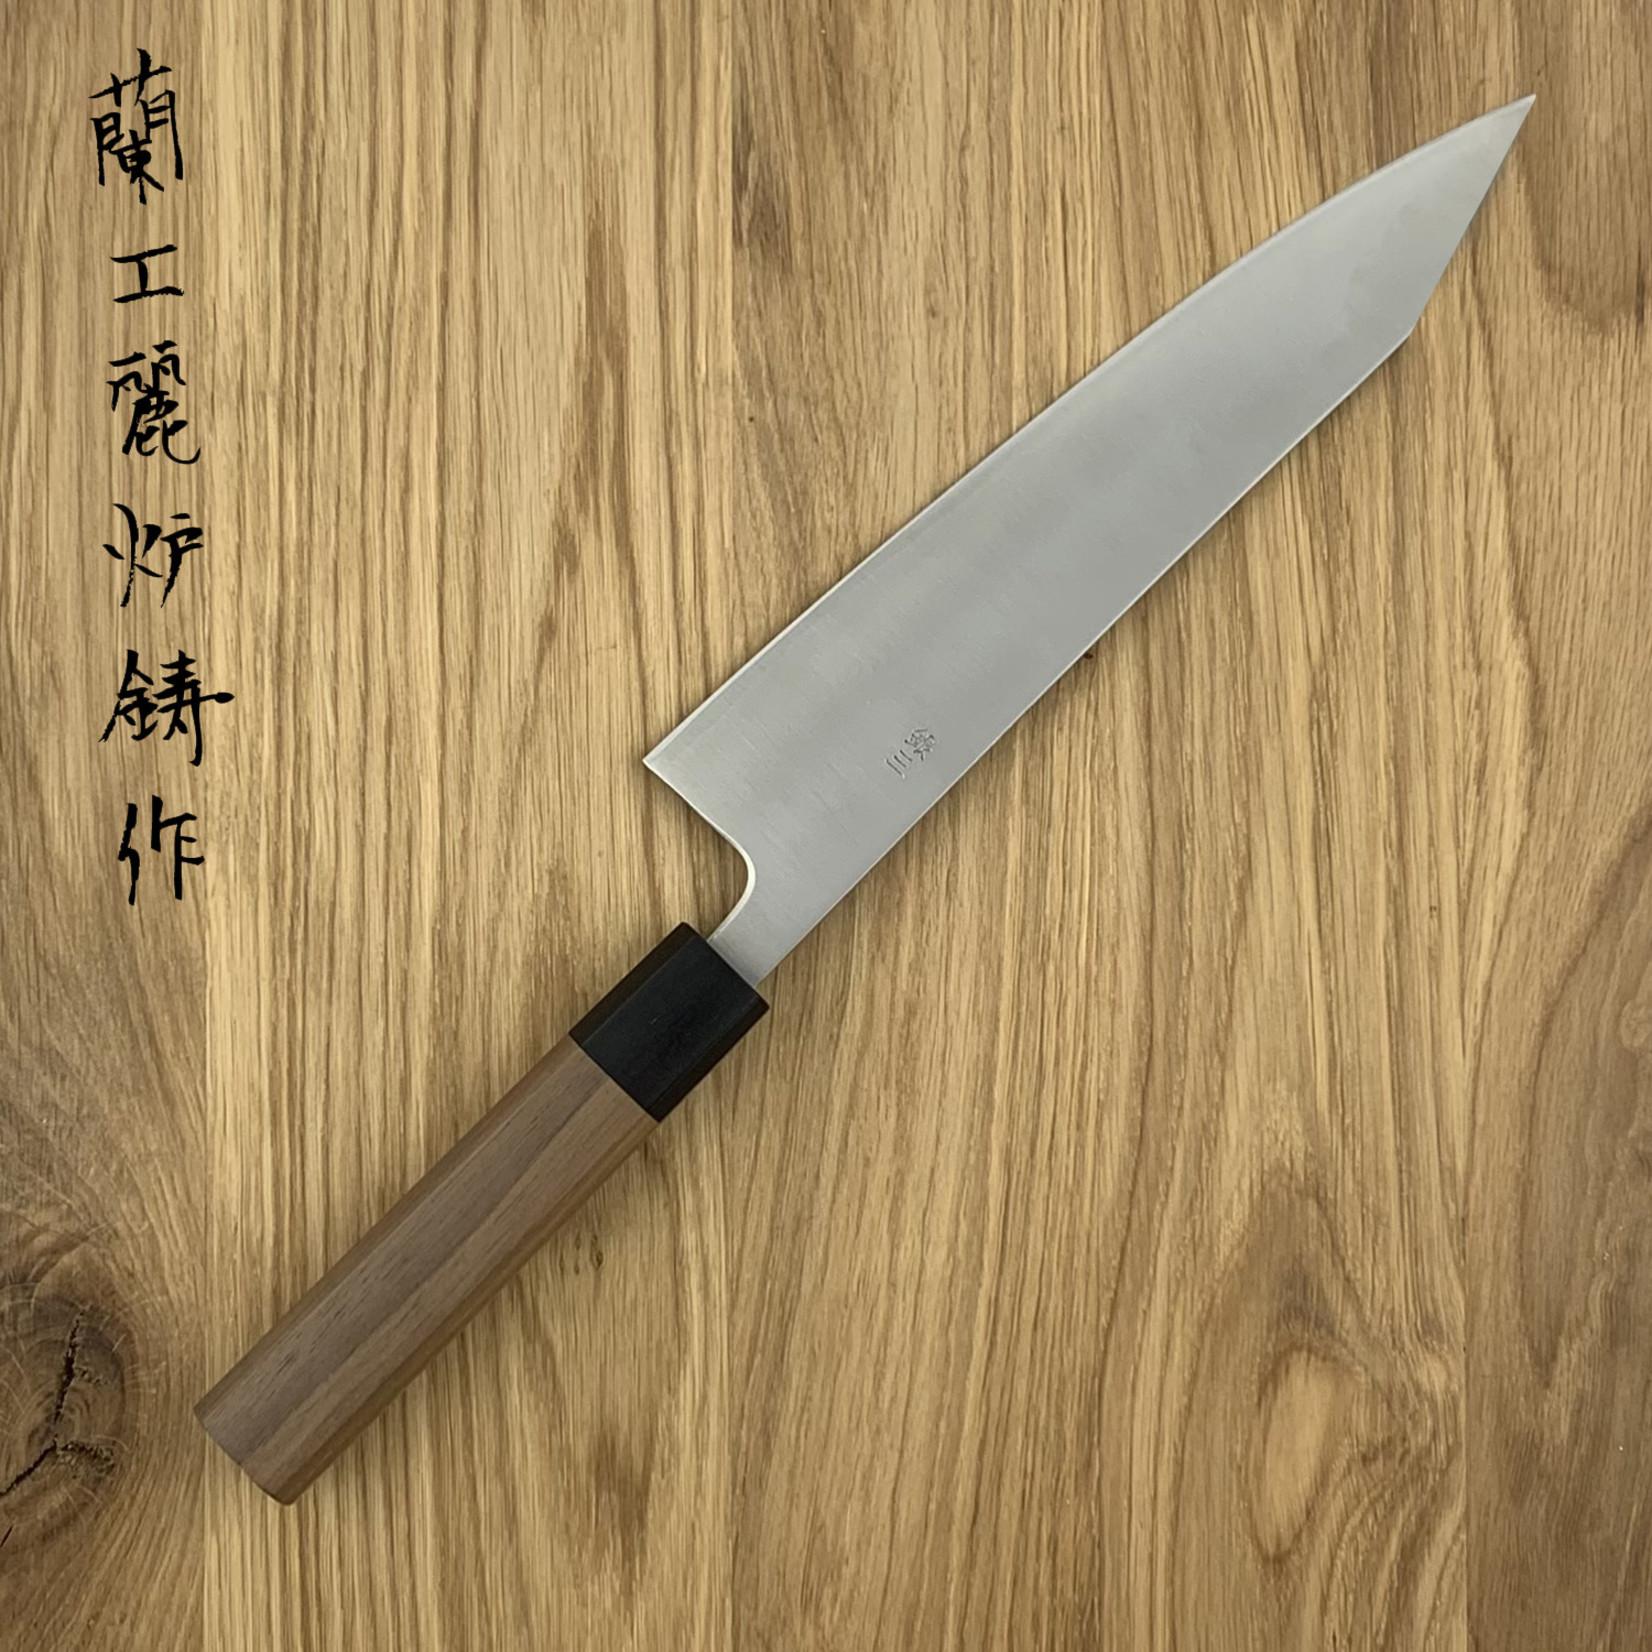 KIKUICHI Ginsan Sanmai Walnut Handle Kiritsuke Gyuto 180mm